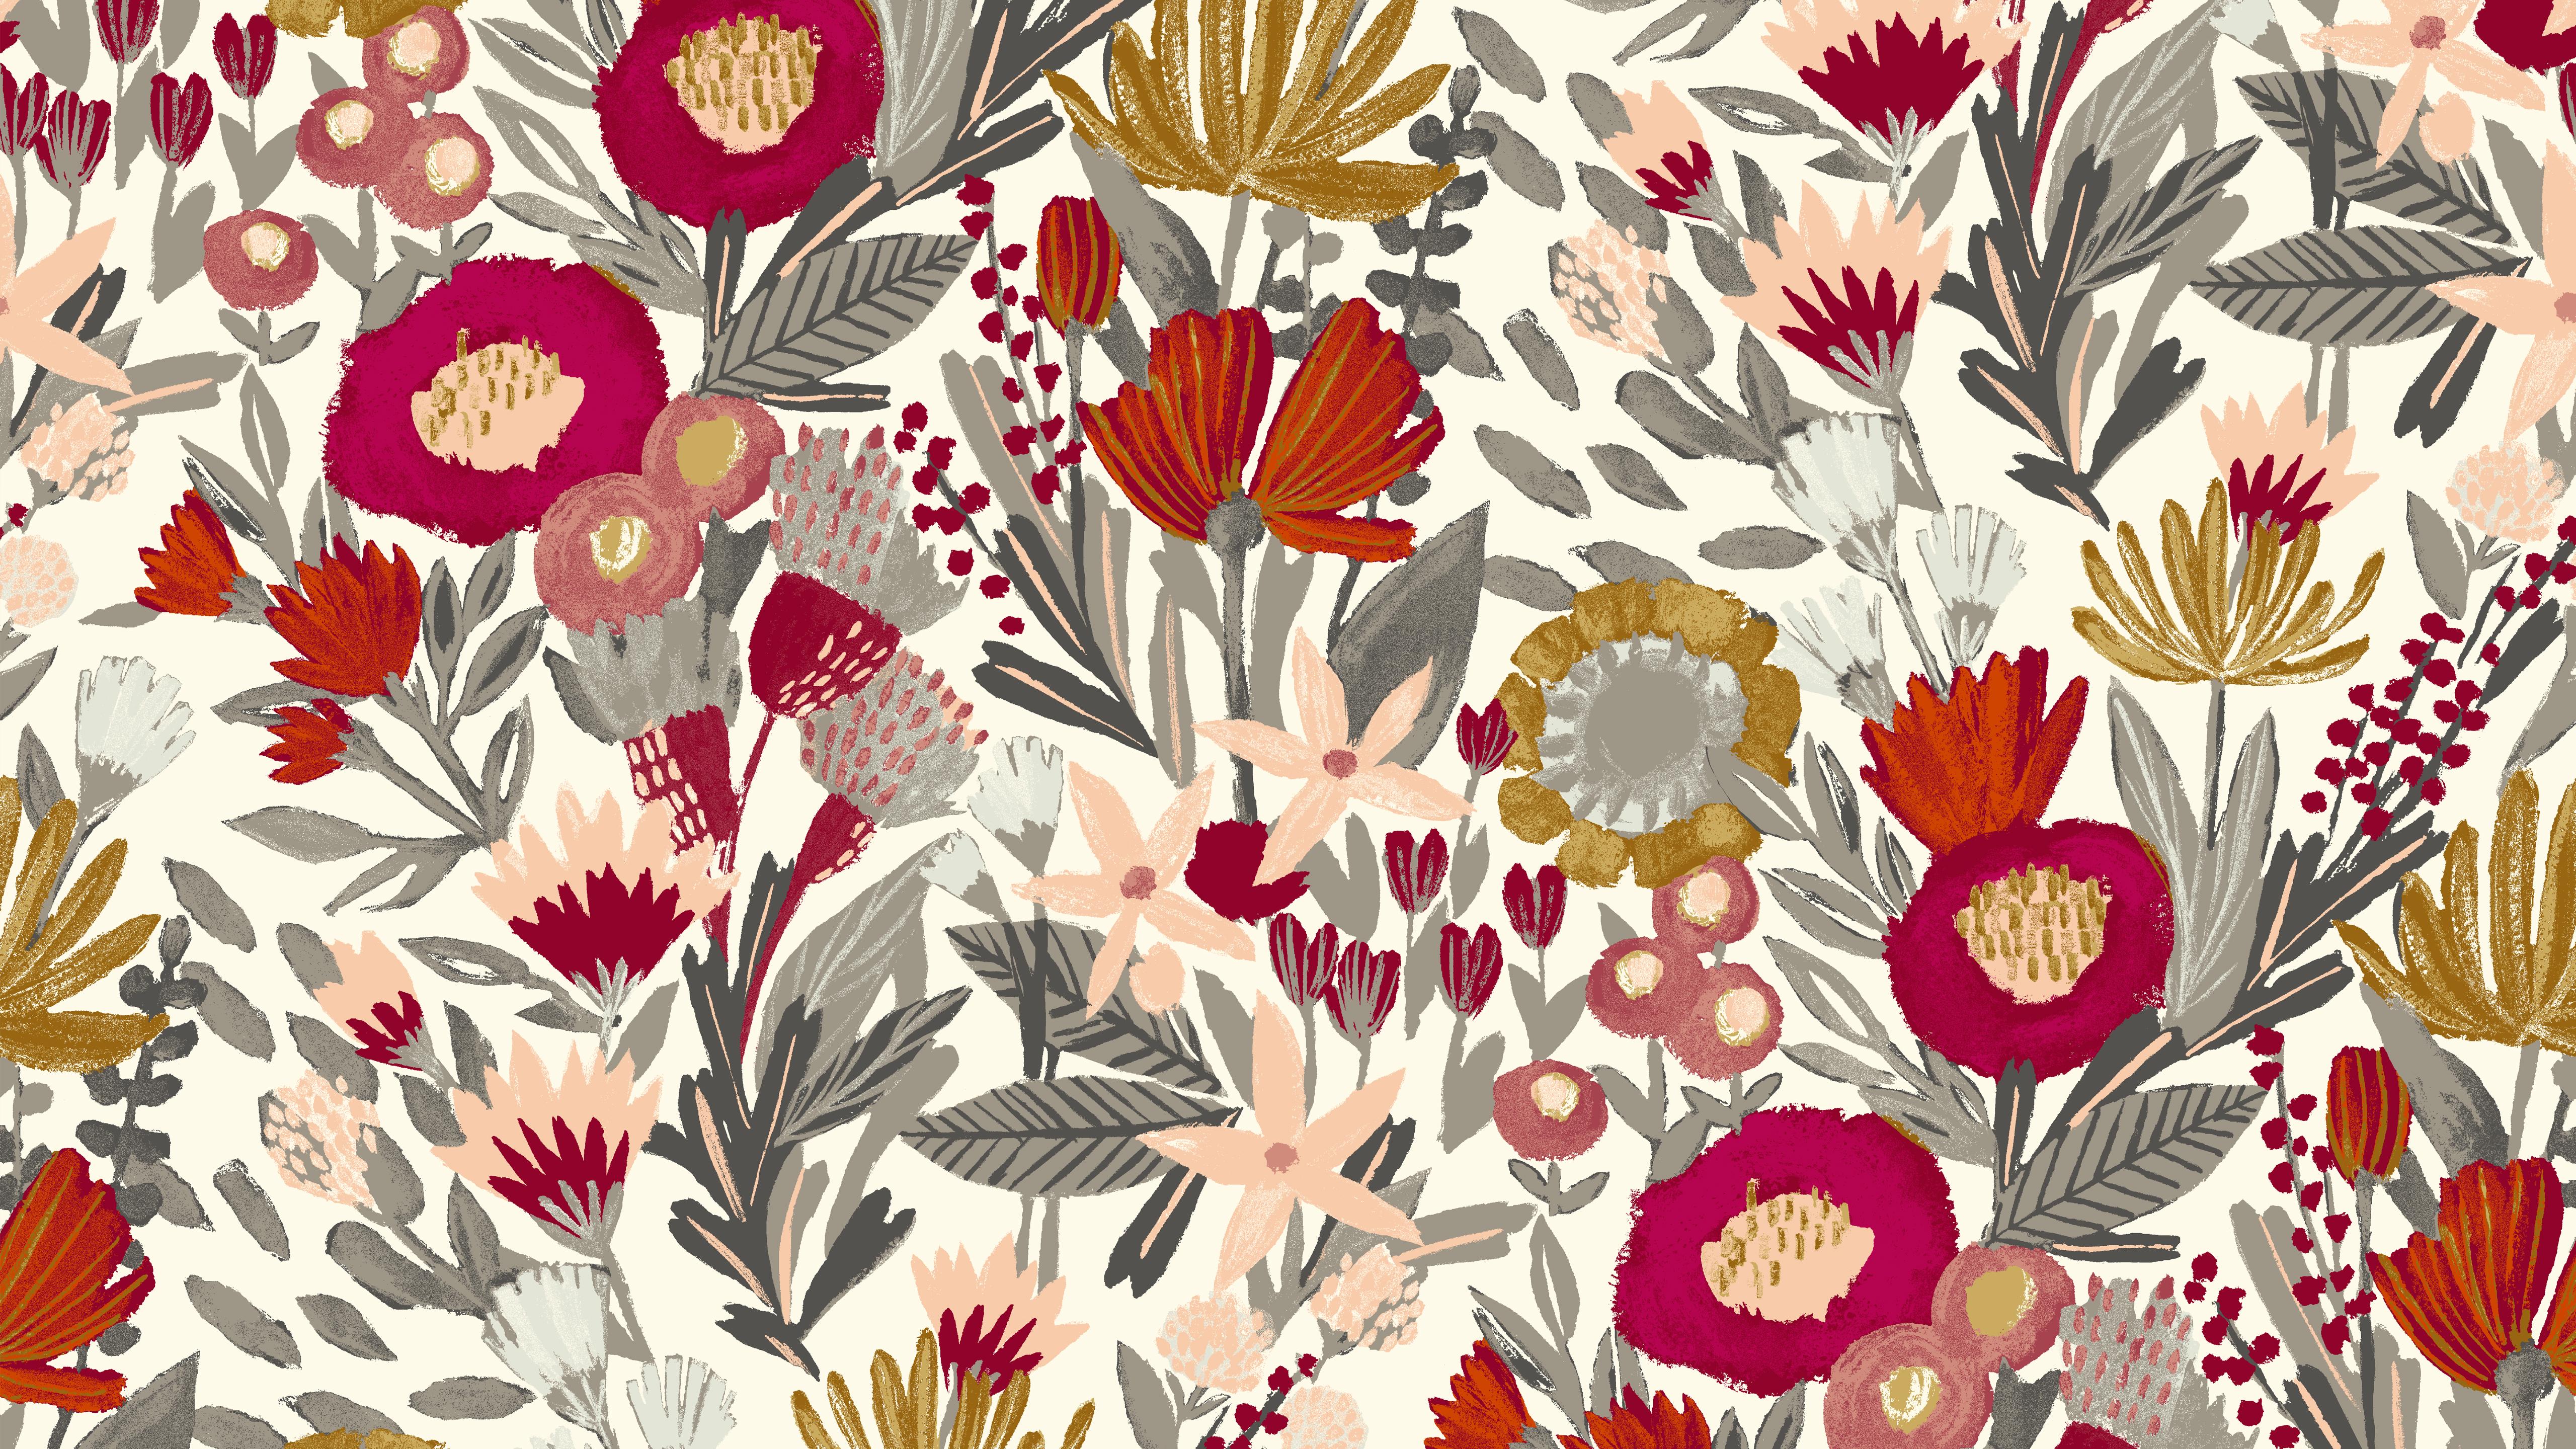 Floral Desktop Wallpaper on WallpaperSafari